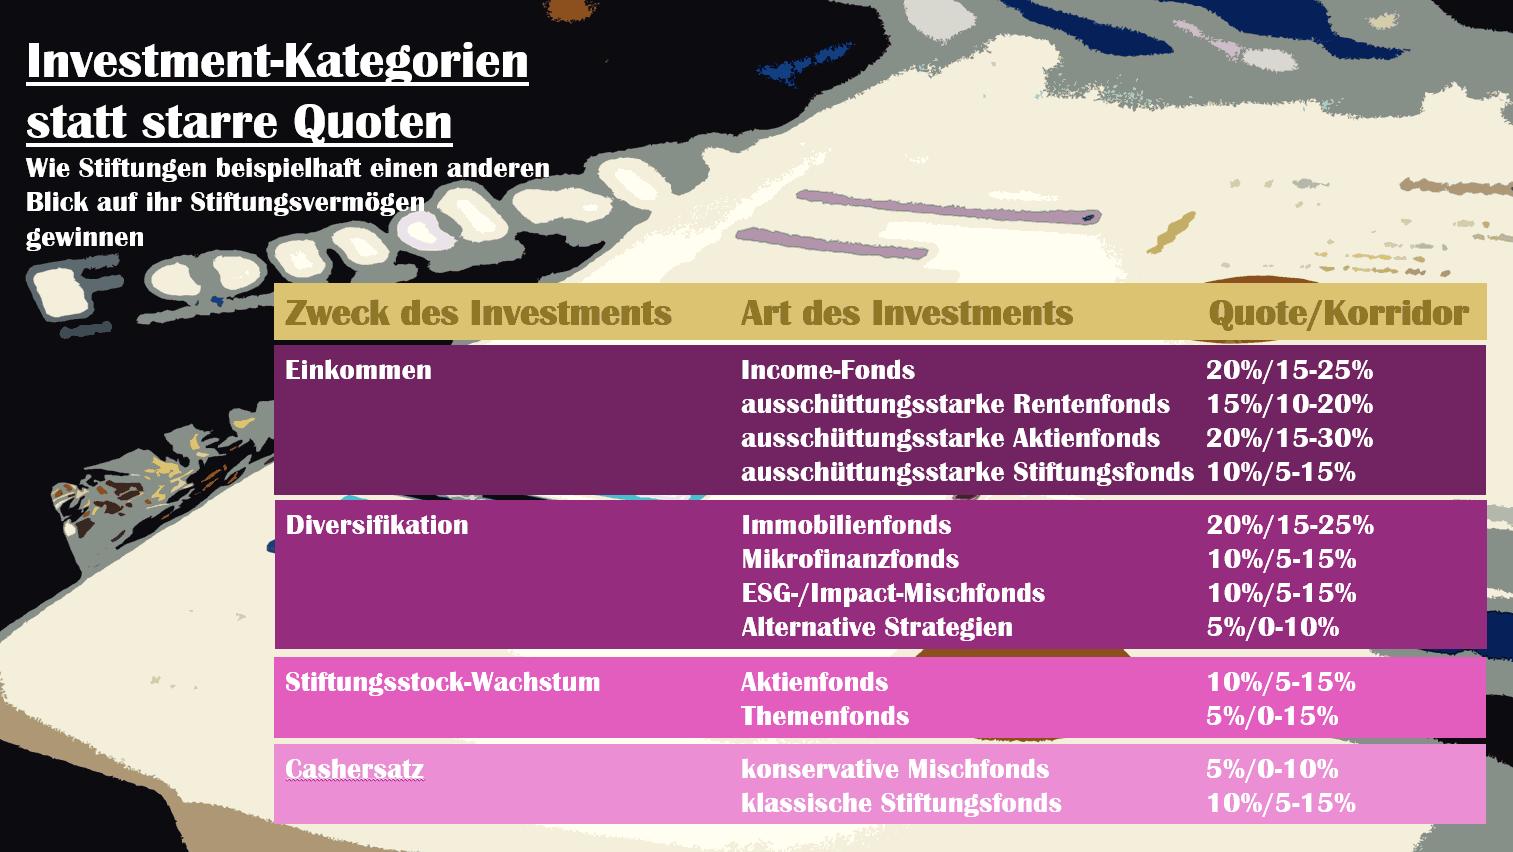 Investment-Kategorien